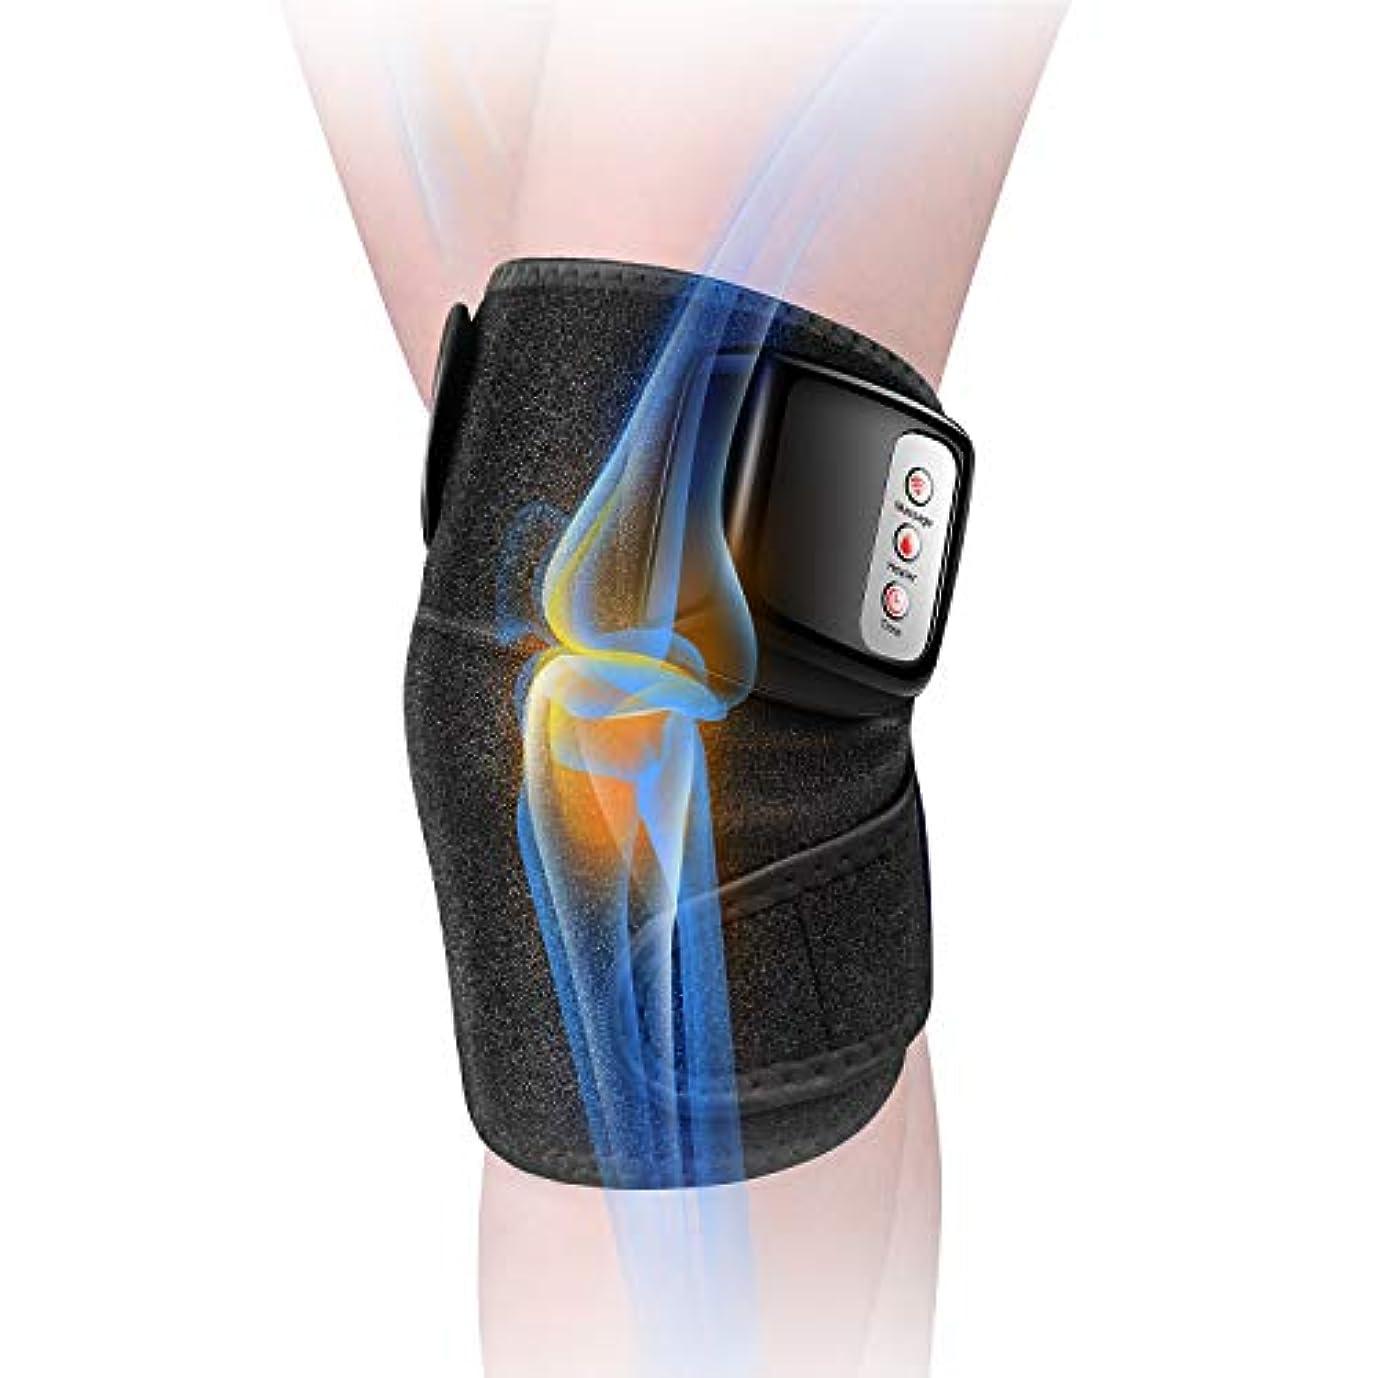 住所教えて正しく膝マッサージャー 関節マッサージャー マッサージ器 フットマッサージャー 振動 赤外線療法 温熱療法 膝サポーター ストレス解消 肩 太もも/腕対応